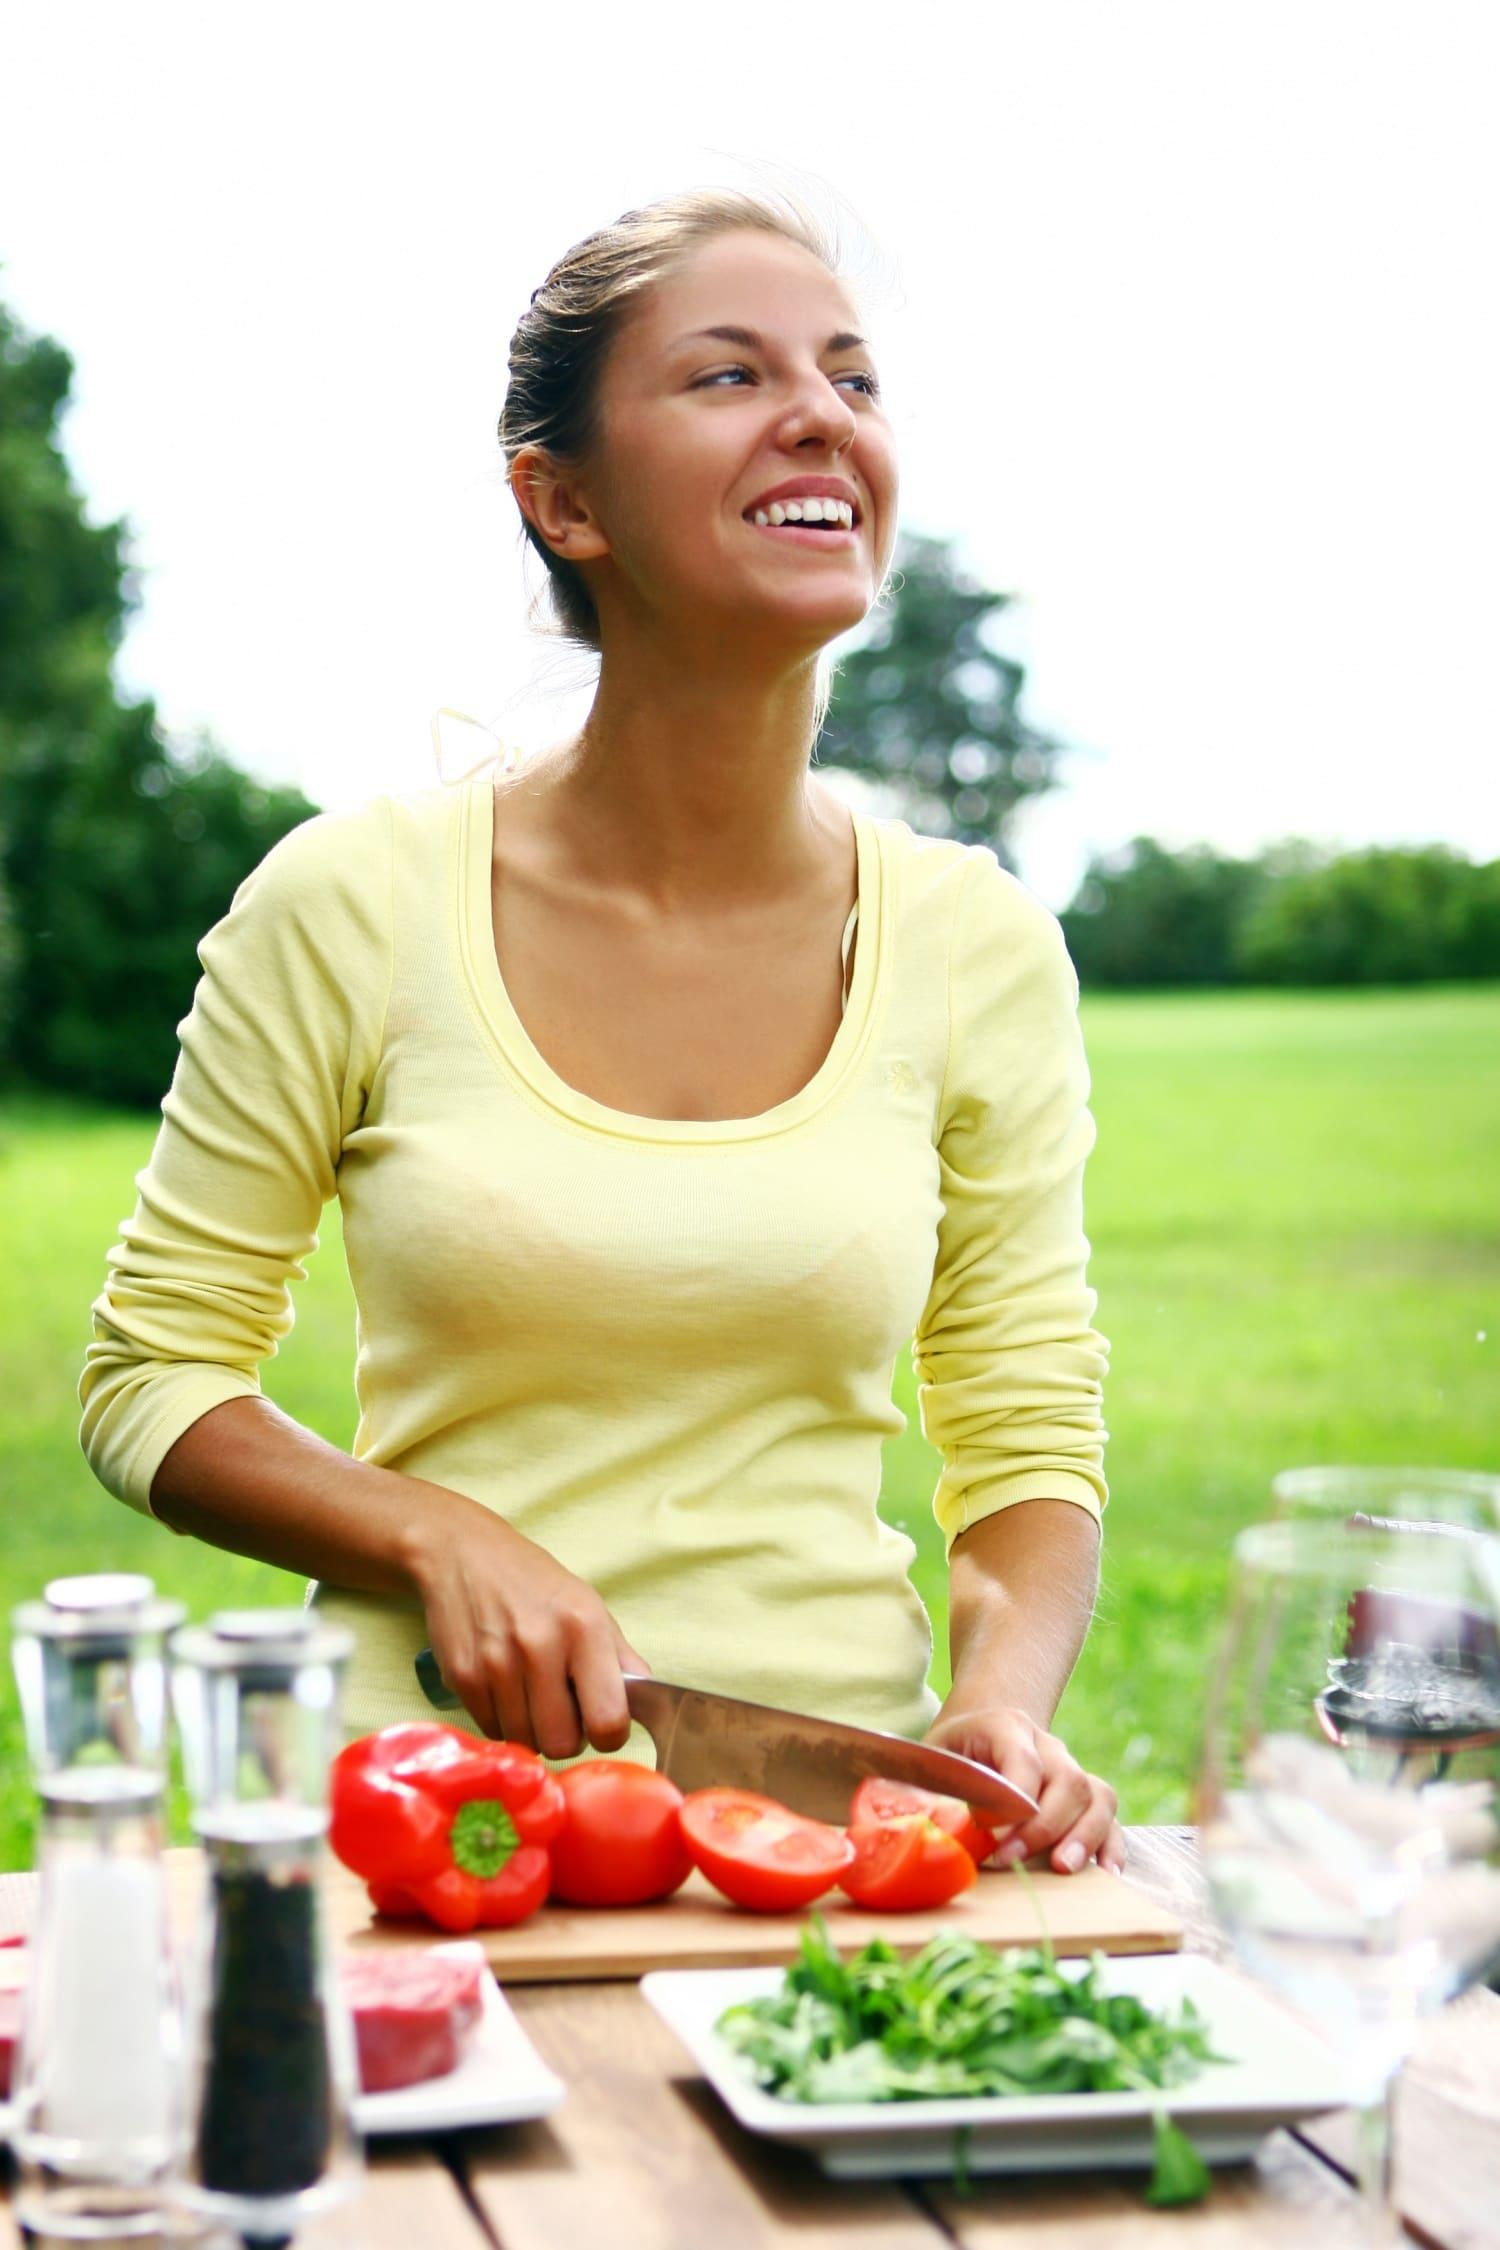 Paradicsomot sütve, spenótot nyersen: így érdemes enni a zöldségeket!